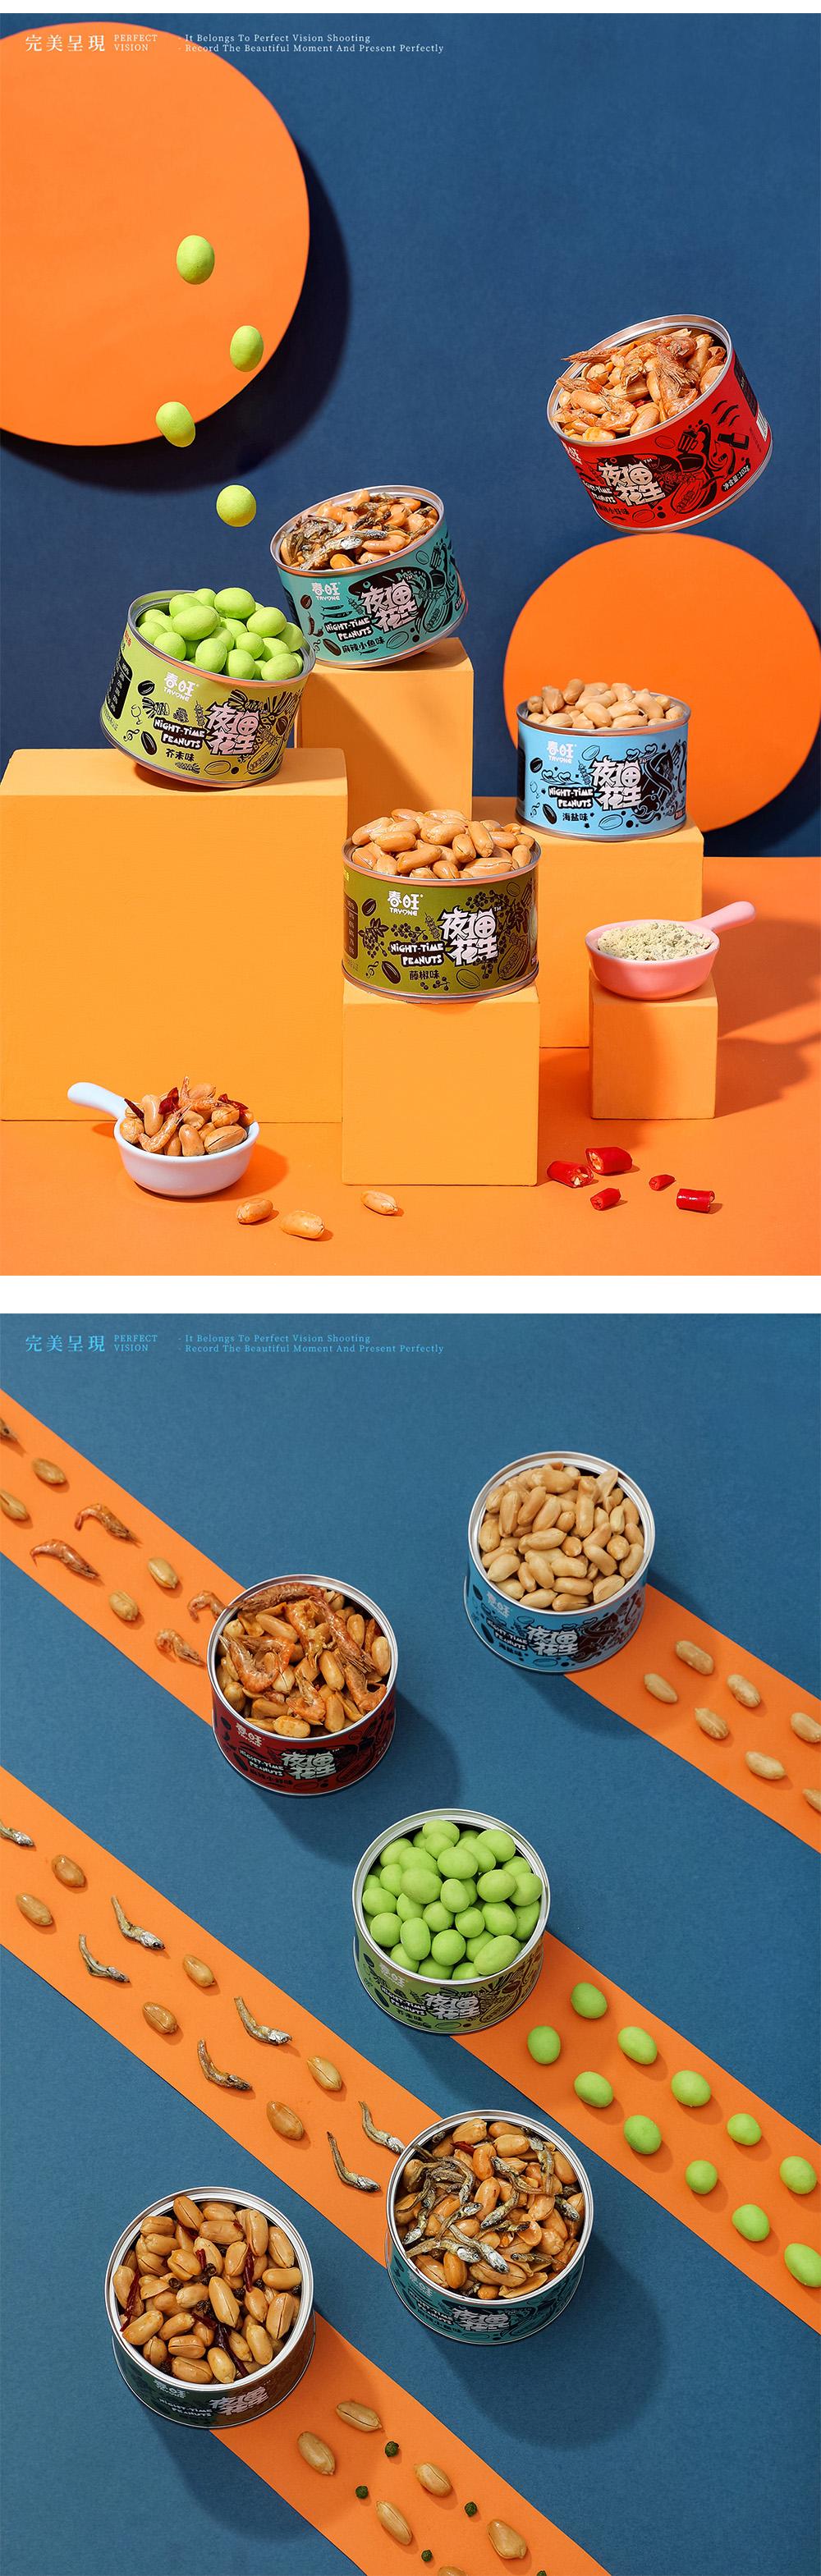 美食摄影丨春旺x完美呈现